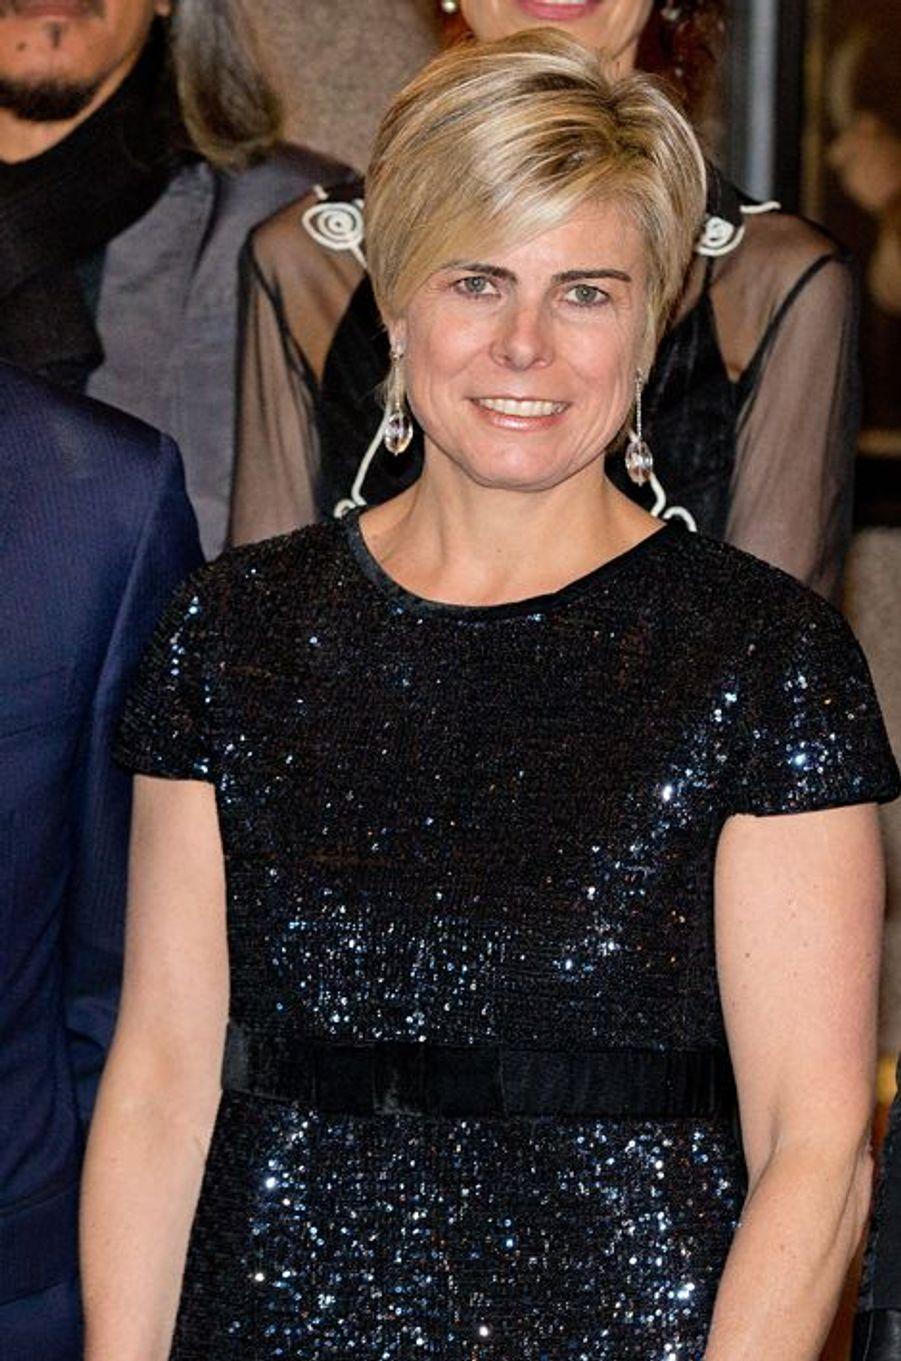 La princesse Laurentien des Pays-Bas au prix du prince Claus à Amsterdam, le 10 décembre 2014